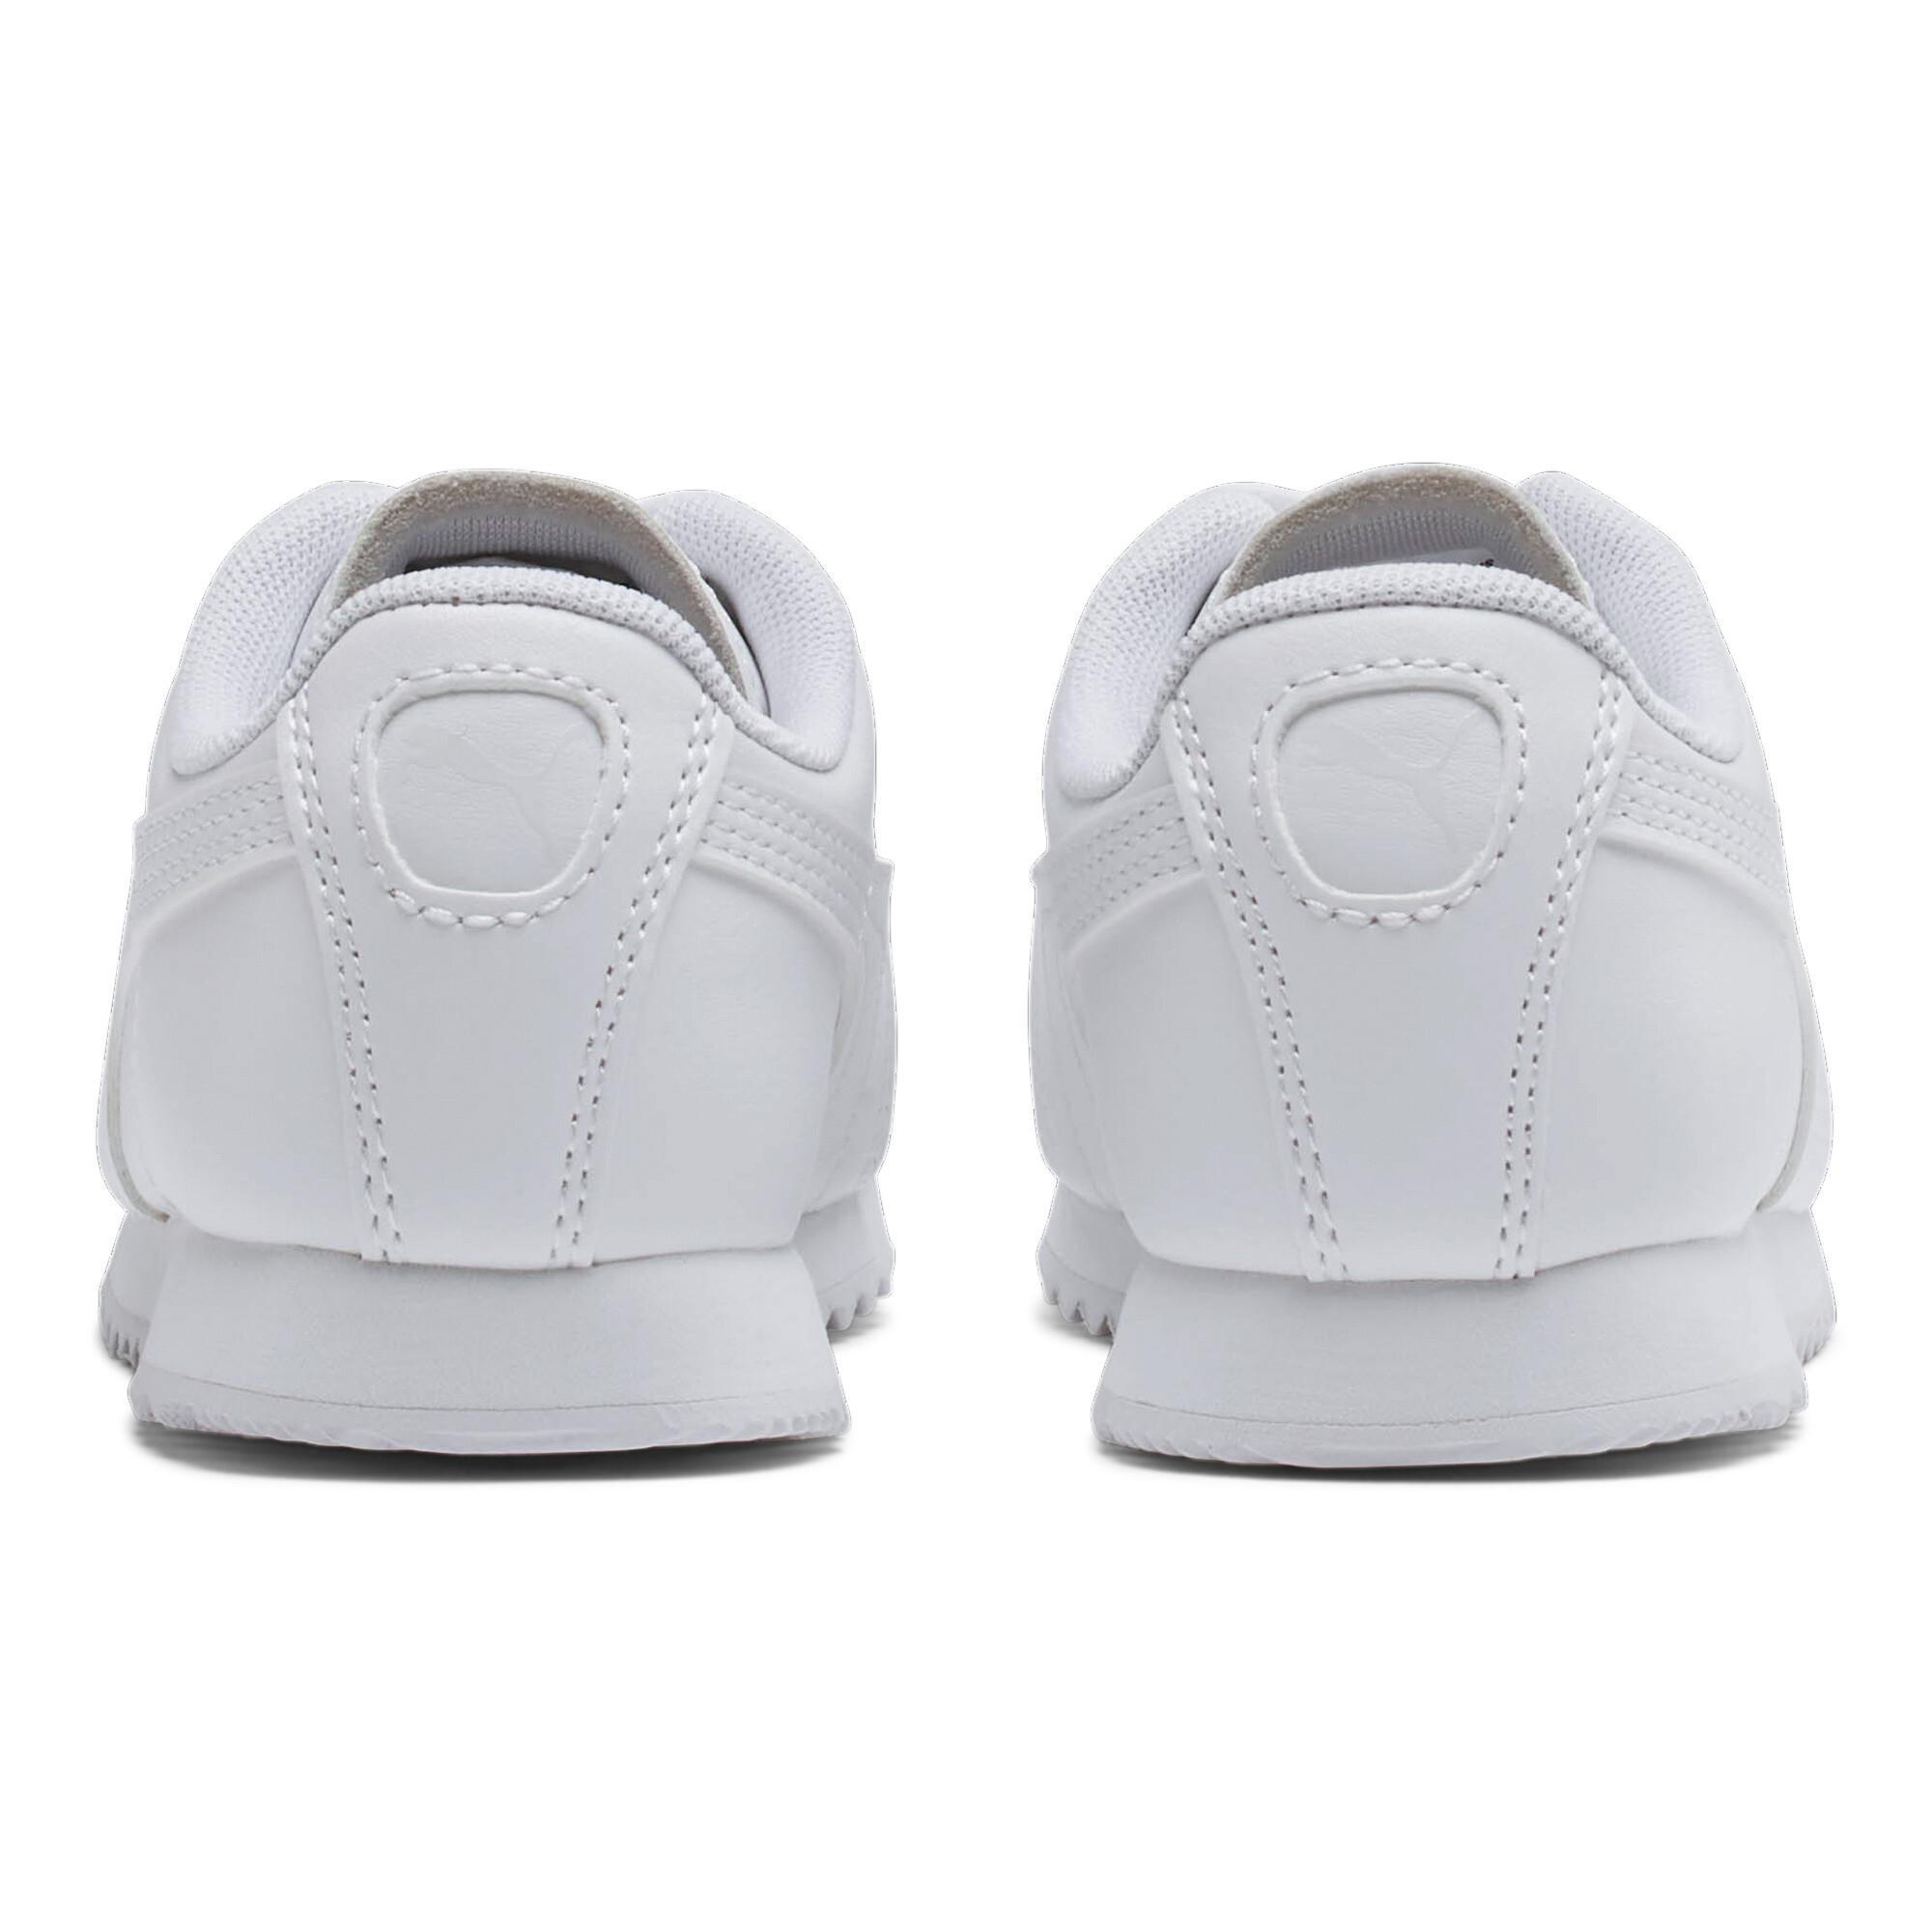 PUMA-Roma-Basic-Little-Kids-039-Shoes-Kids-Shoe-Kids thumbnail 9